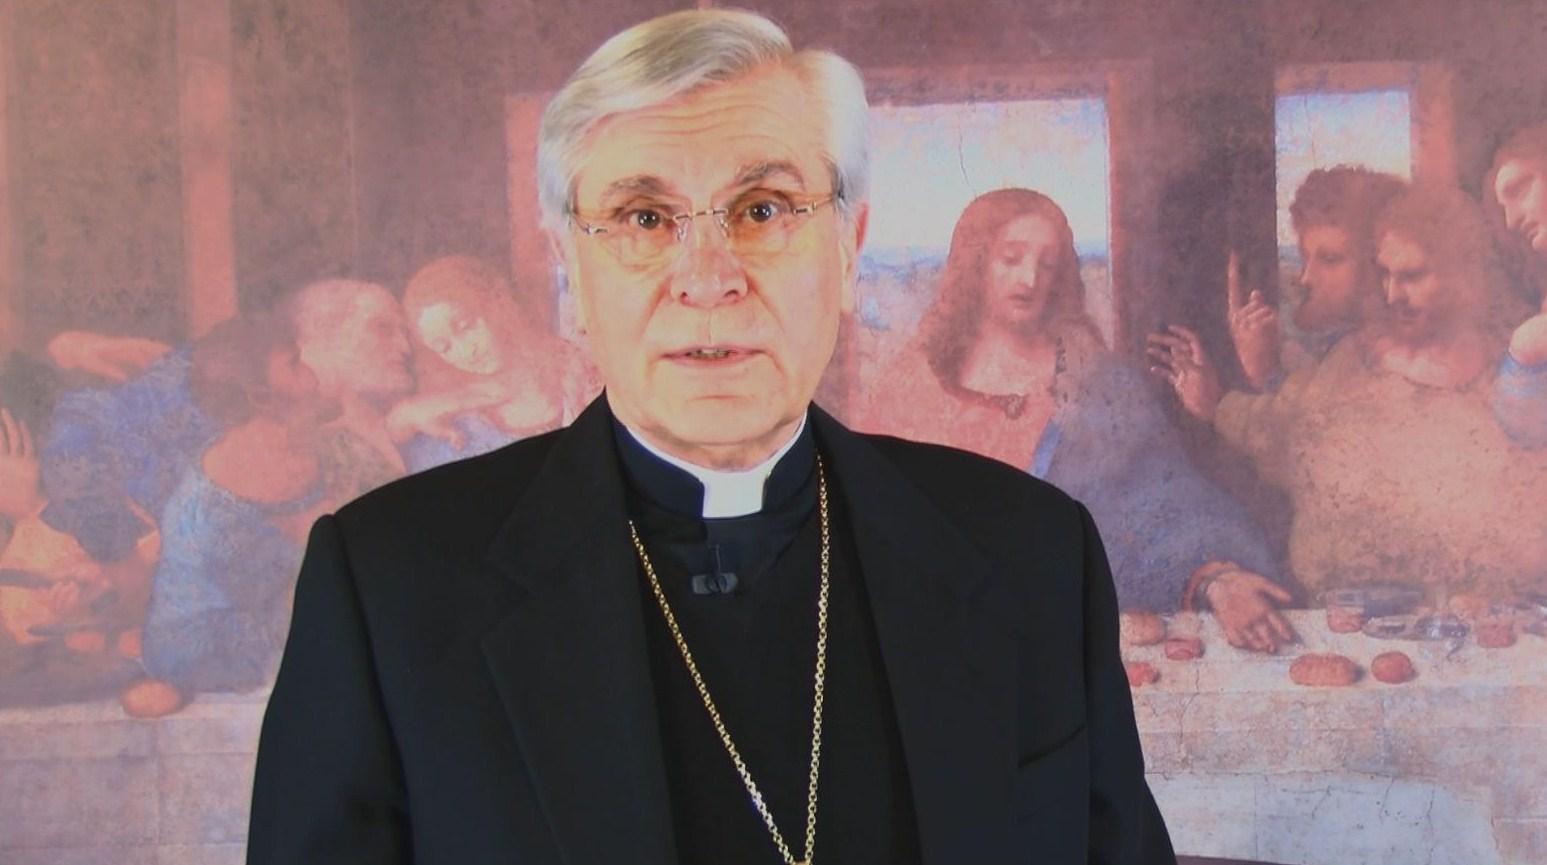 La chronique de Mgr Jean-Michel di Falco Léandri – Vers un conclave à ciel ouvert ?